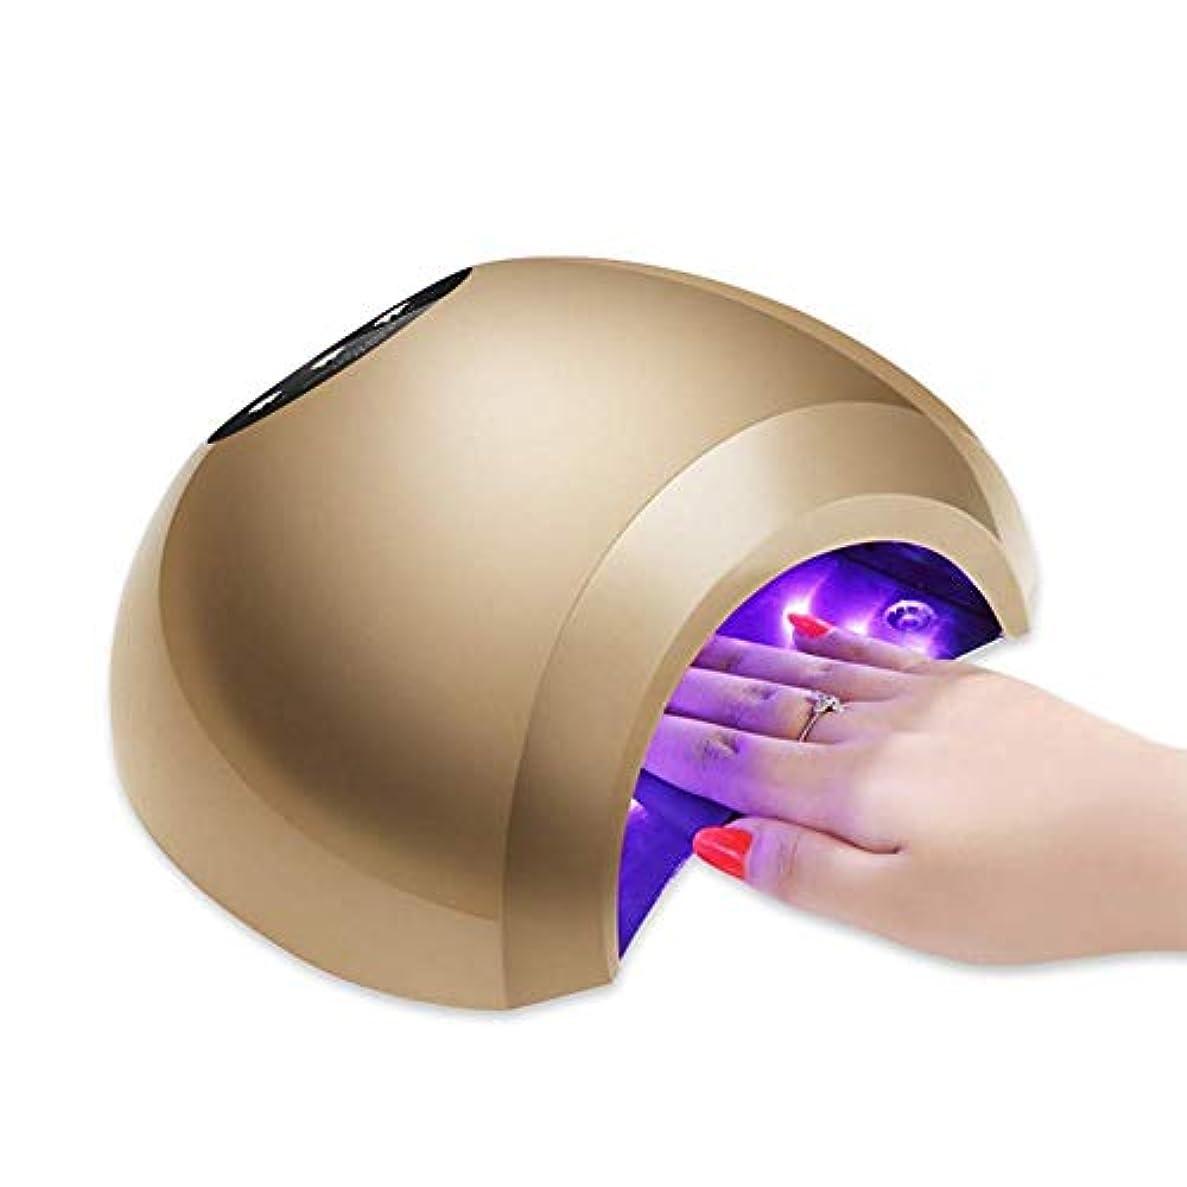 聡明傀儡フラッシュのように素早くLed uvネイルドライヤー48ワット3モードプロフェッショナル液晶ディスプレイ赤外線センシングジェルポリッシュランプ光硬化マニキュア機、ゴールド